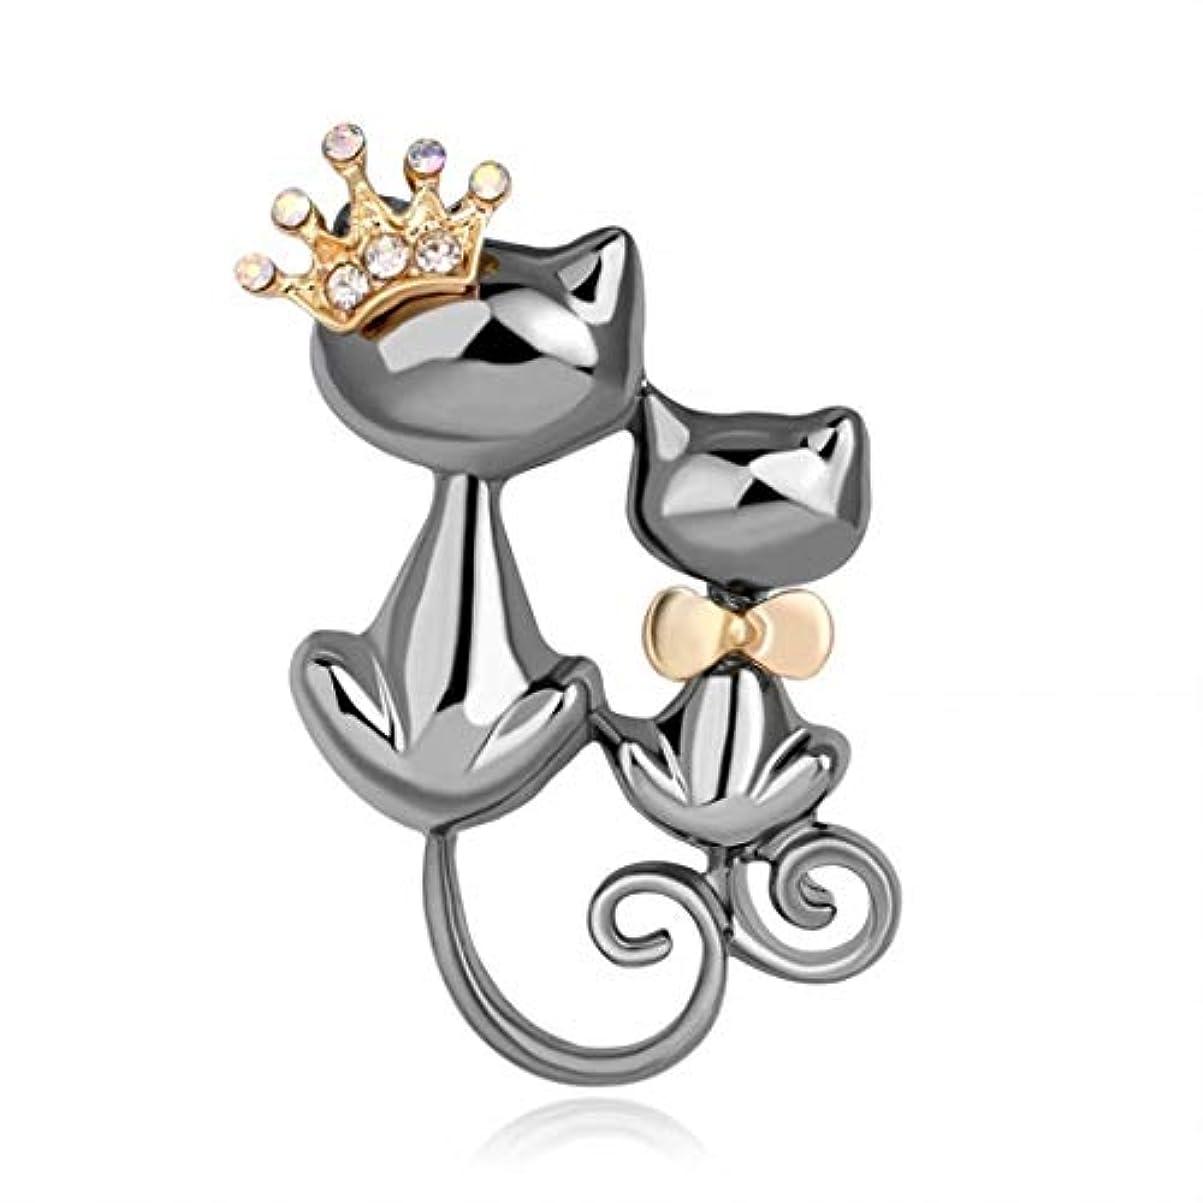 雇った文スペイン七里の香 クラウン猫ブローチピンダブル猫ちゃんCatブローチアクセサリー女性用